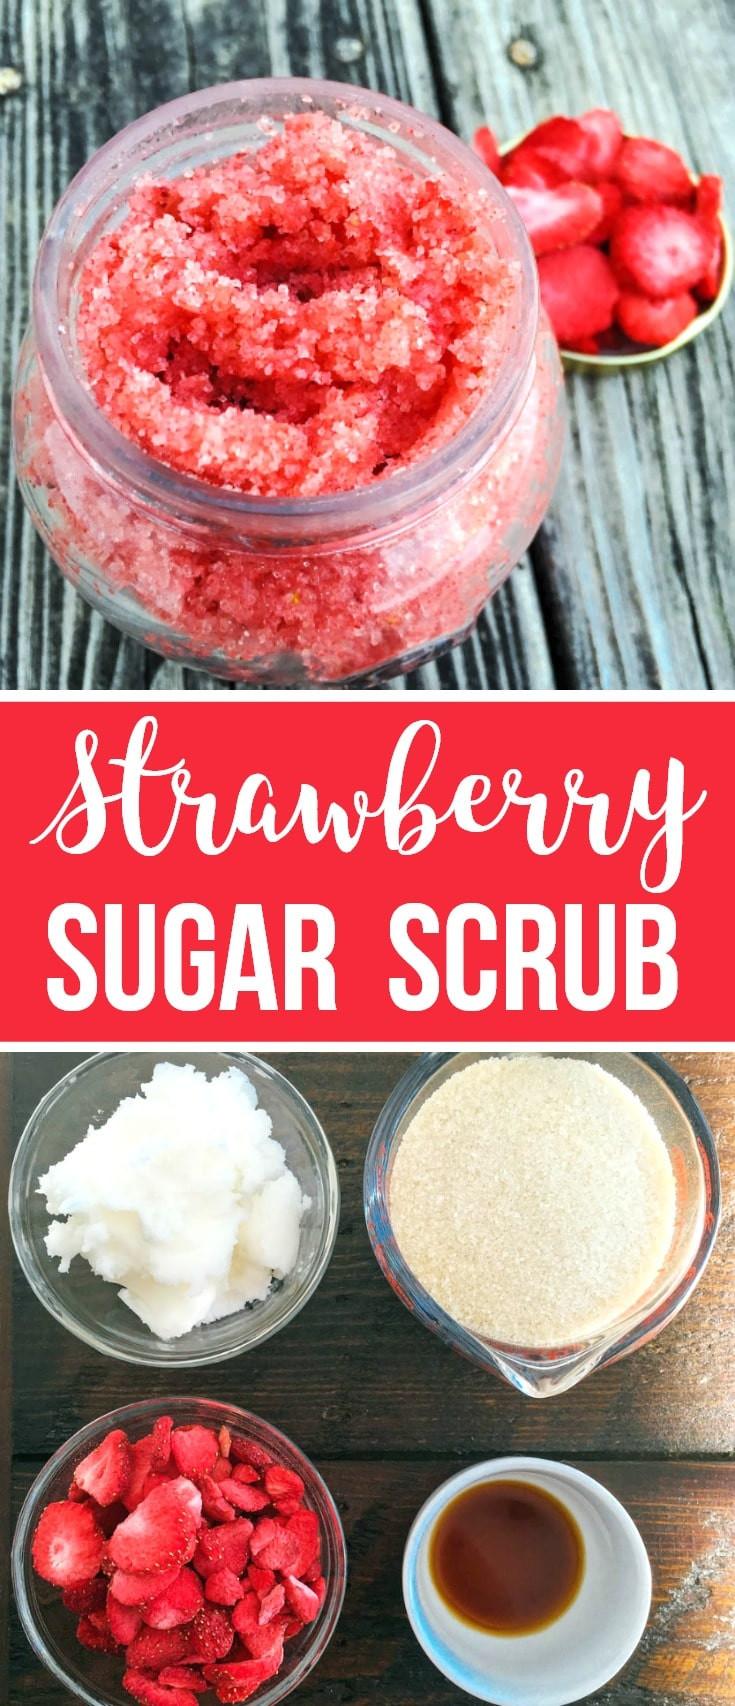 Best ideas about DIY Sugar Scrub . Save or Pin DIY Strawberry Sugar Scrub Now.